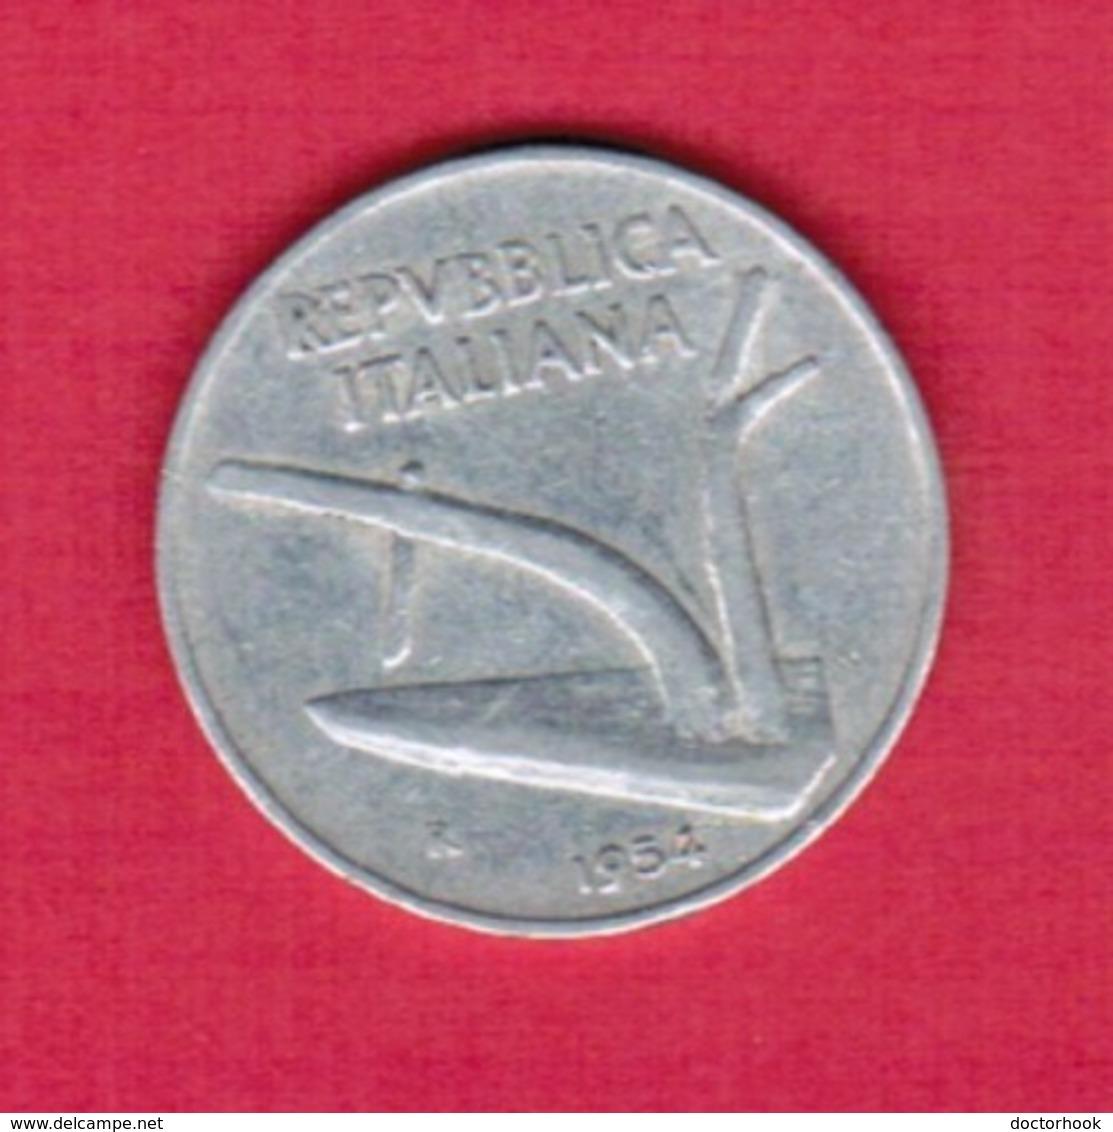 ITALY  10 LIRE 1954 (KM # 93) #5259 - 1946-… : Republic